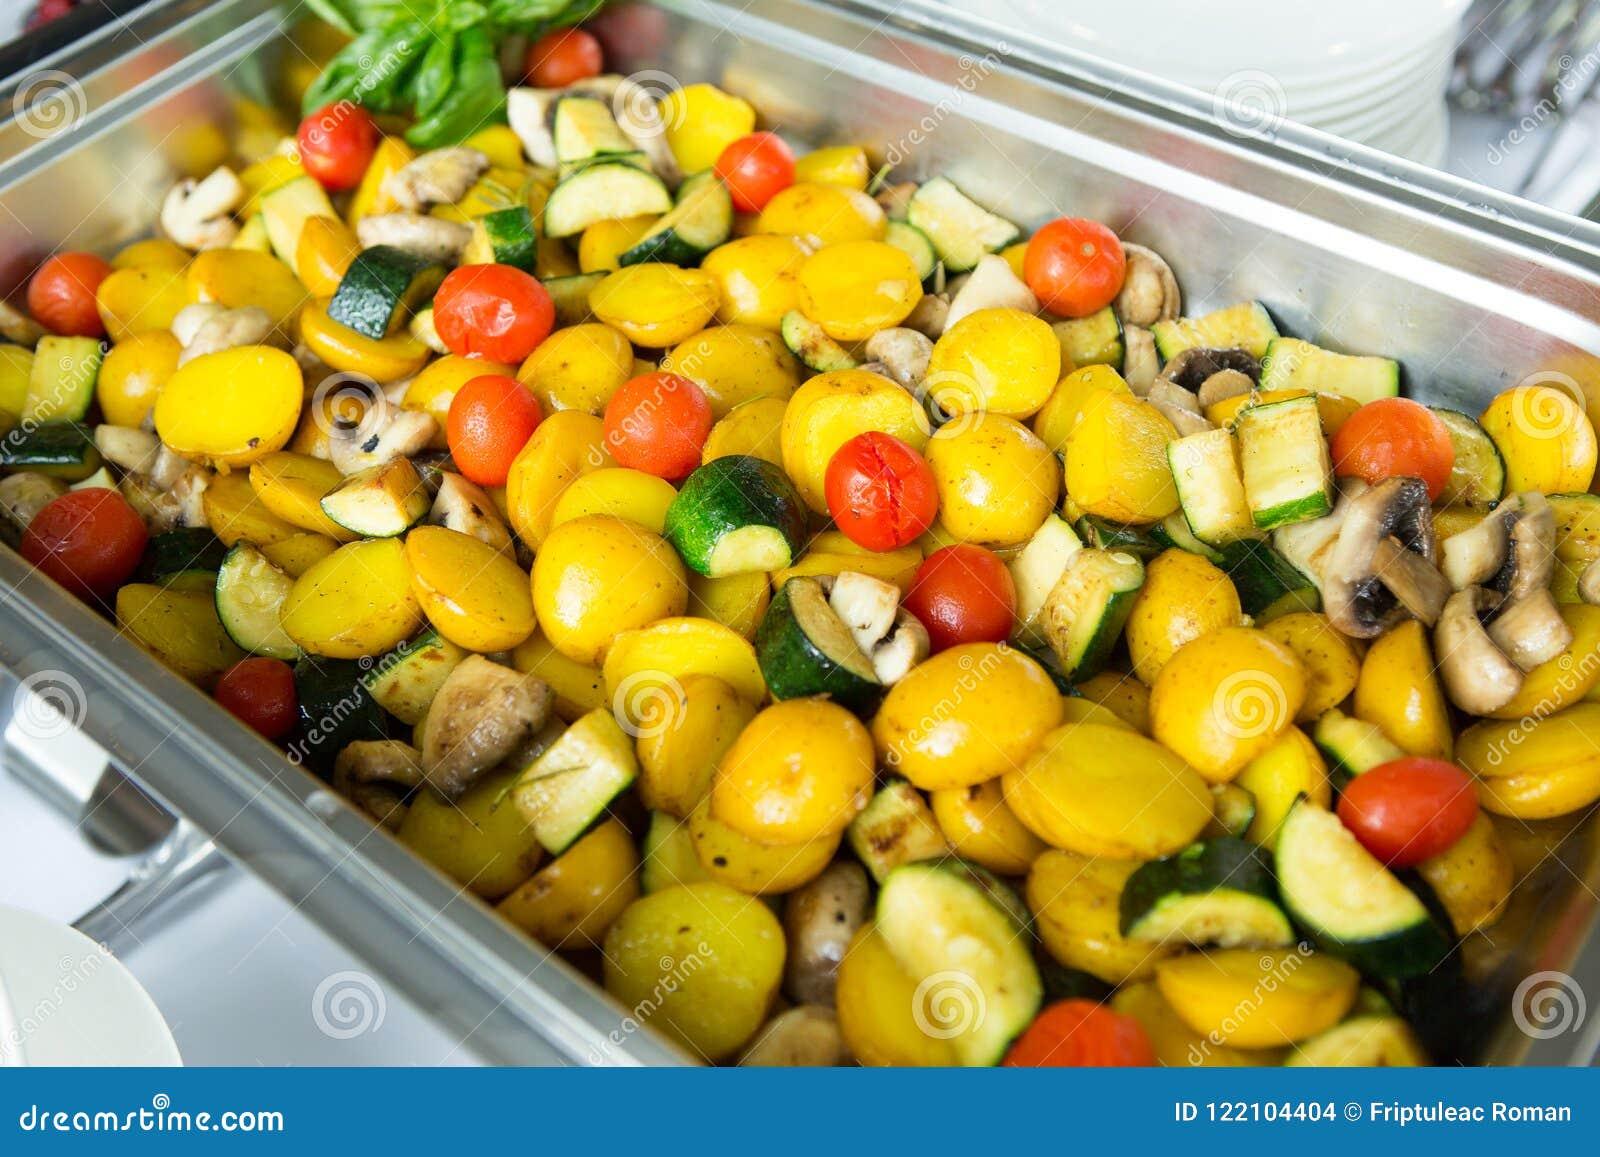 Verpflegungs-Lebensmittel-Hochzeits-Ereignis-Tabelle Buffetlinie in der Hochzeit Köstliche Aperitifnahaufnahme